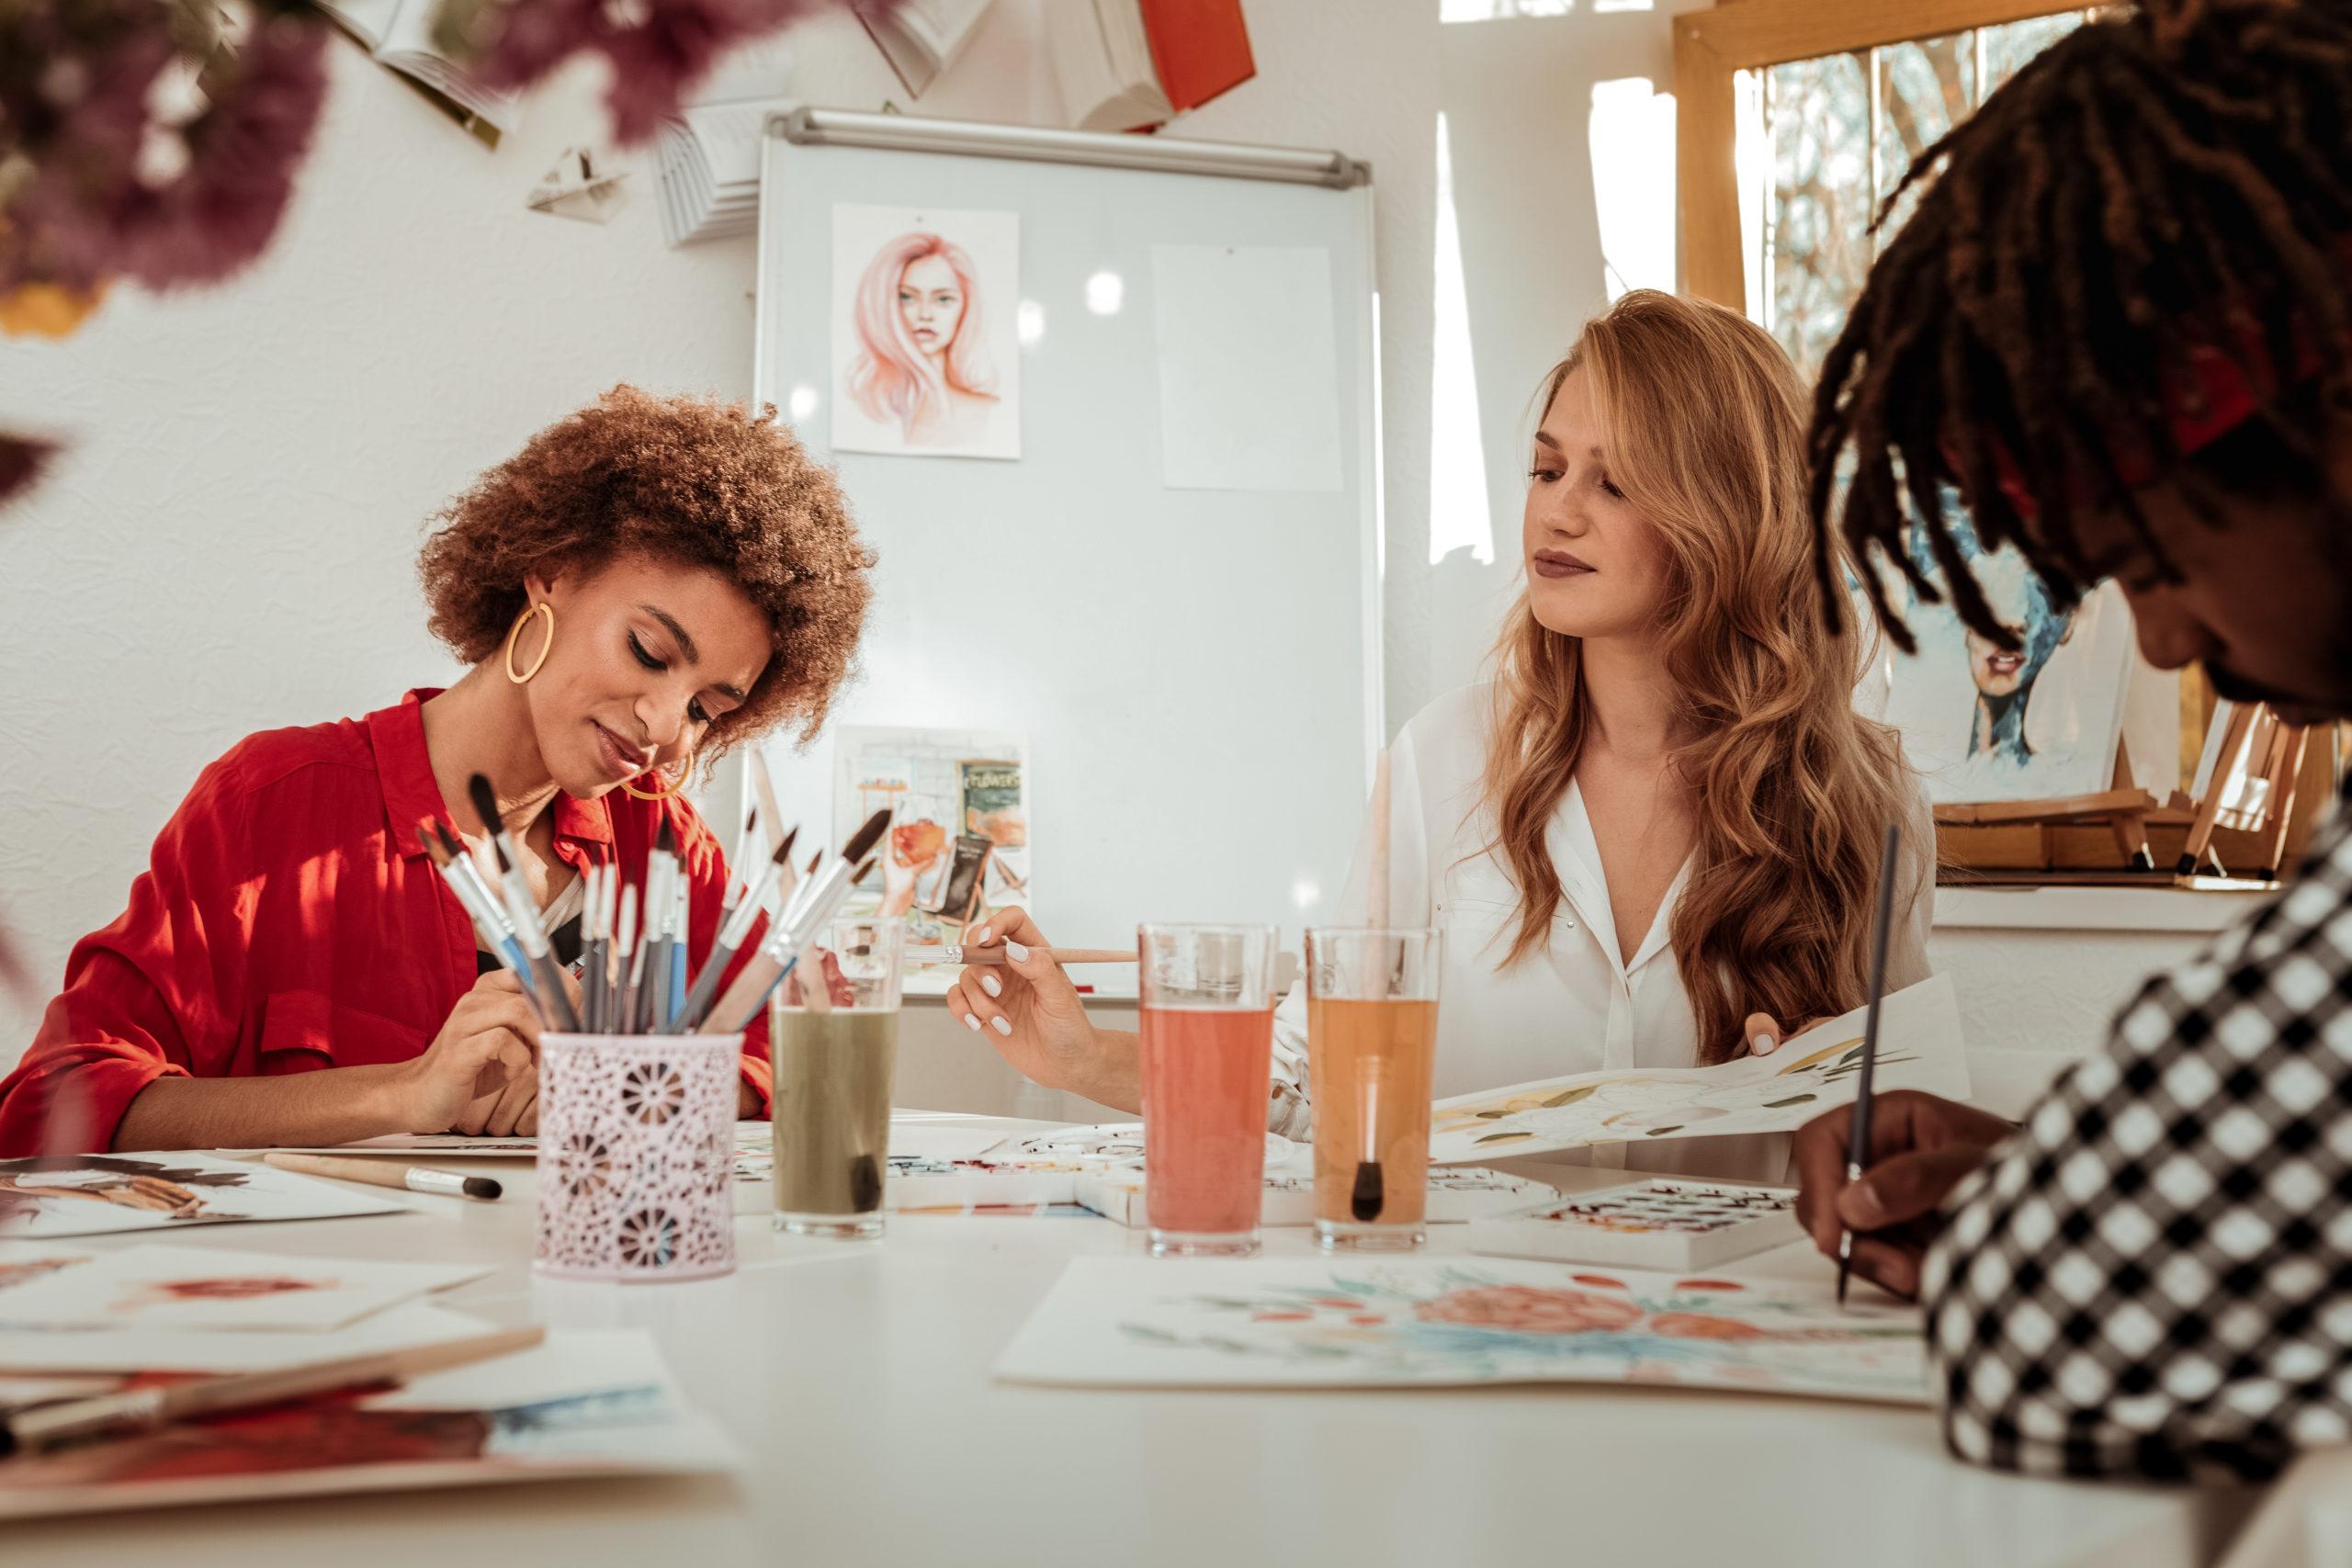 Two women enjoying art classes